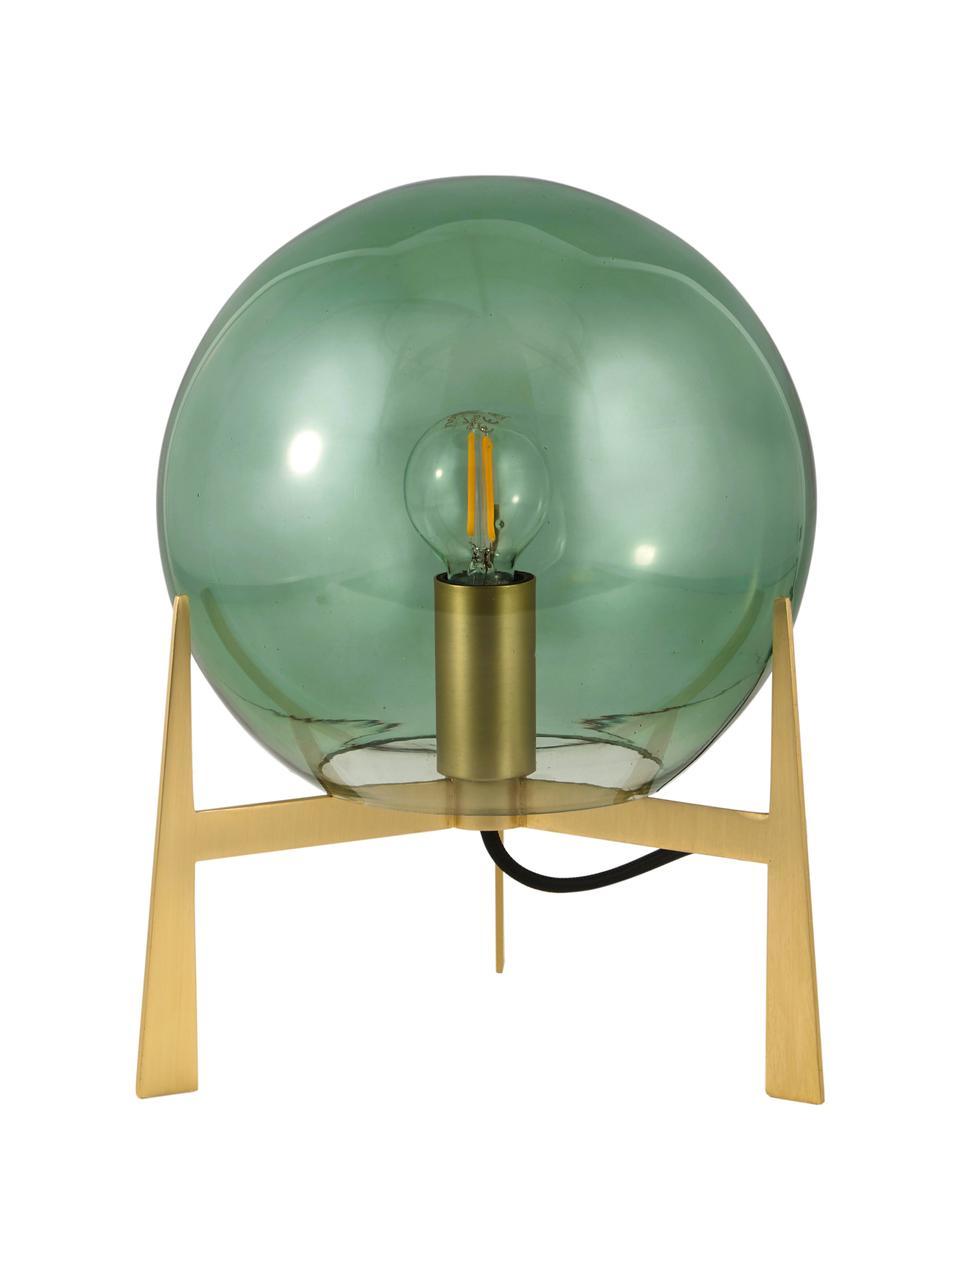 Kleine Tischlampe Milla aus farbigem Glas, Lampenschirm: Glas, Lampenfuß: Messing, Grün, Messingfarben, Schwarz, Ø 22 x H 28 cm